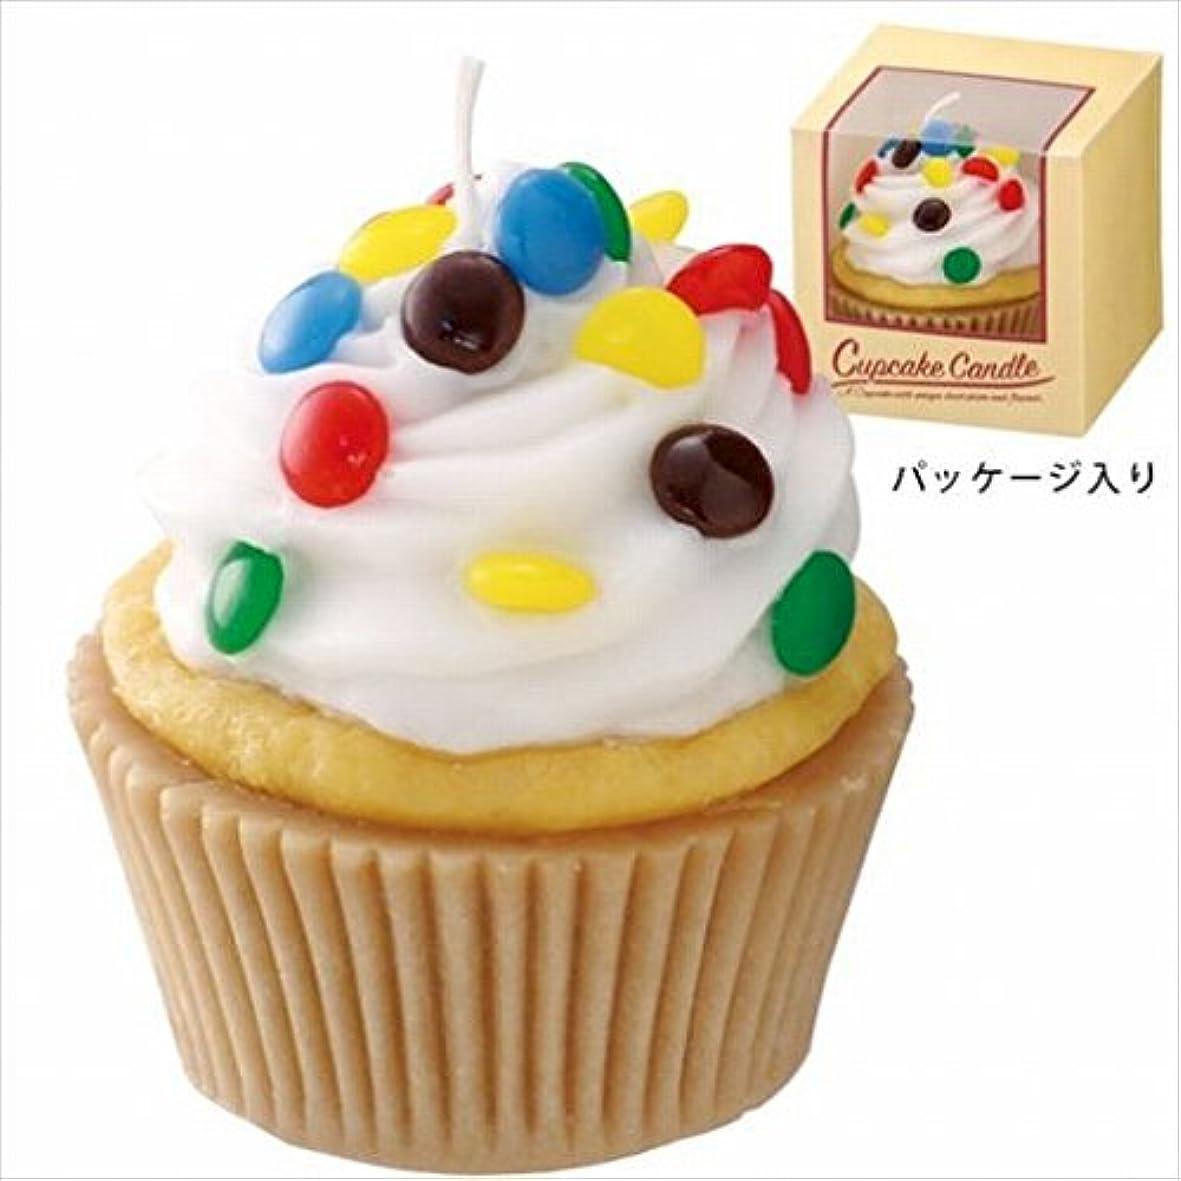 文句を言う追放する攻撃カメヤマキャンドル(kameyama candle) アメリカンカップケーキキャンドル 「 ホワイトクリーム 」